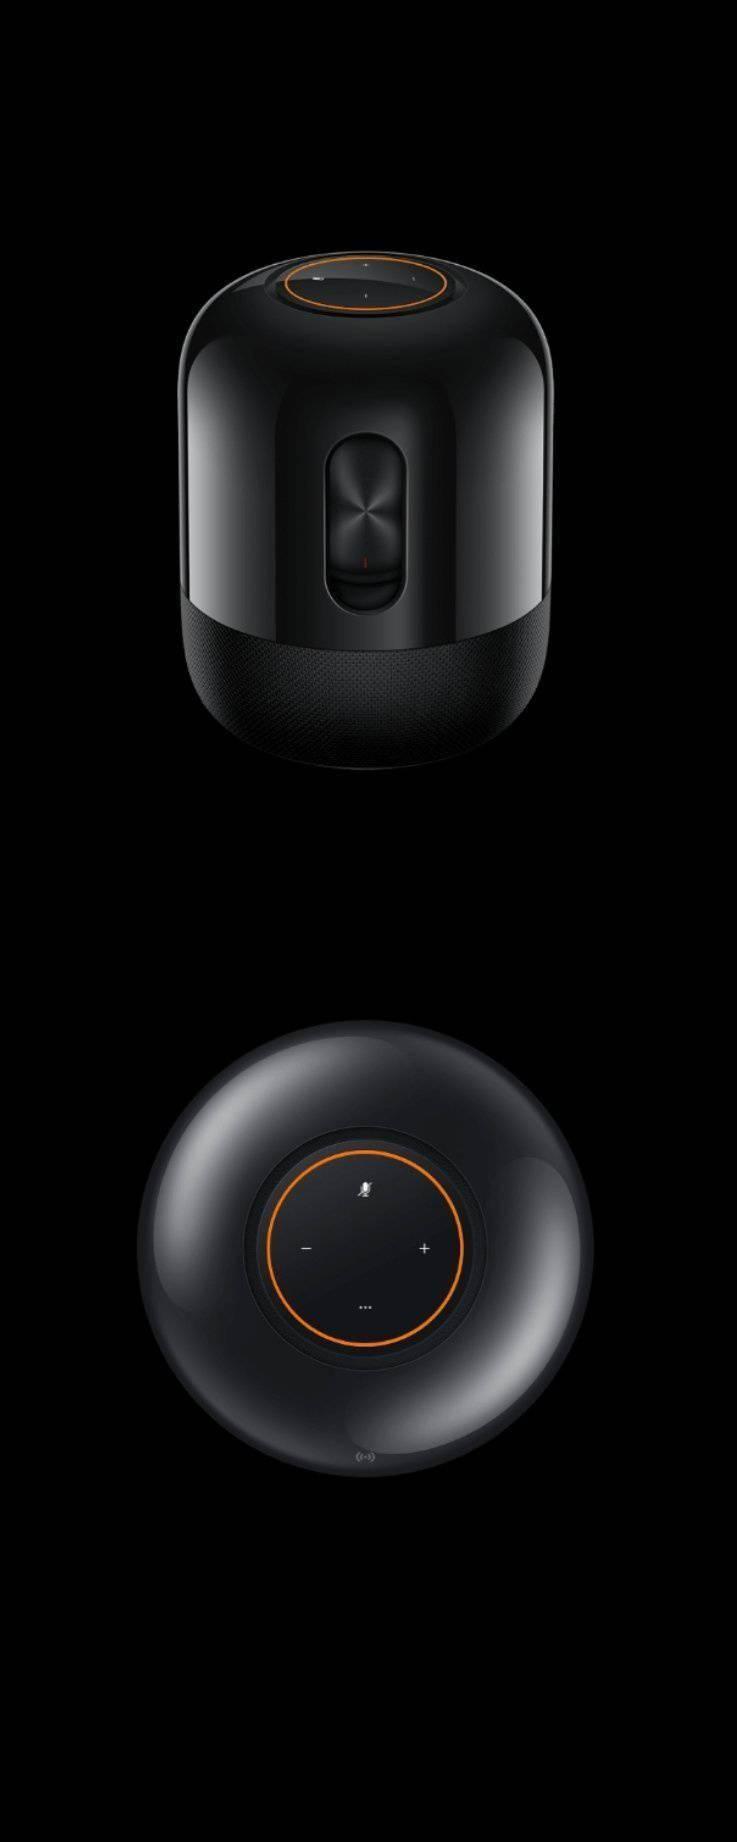 华为 Sound SE 智能音箱曝光,有望月底发售